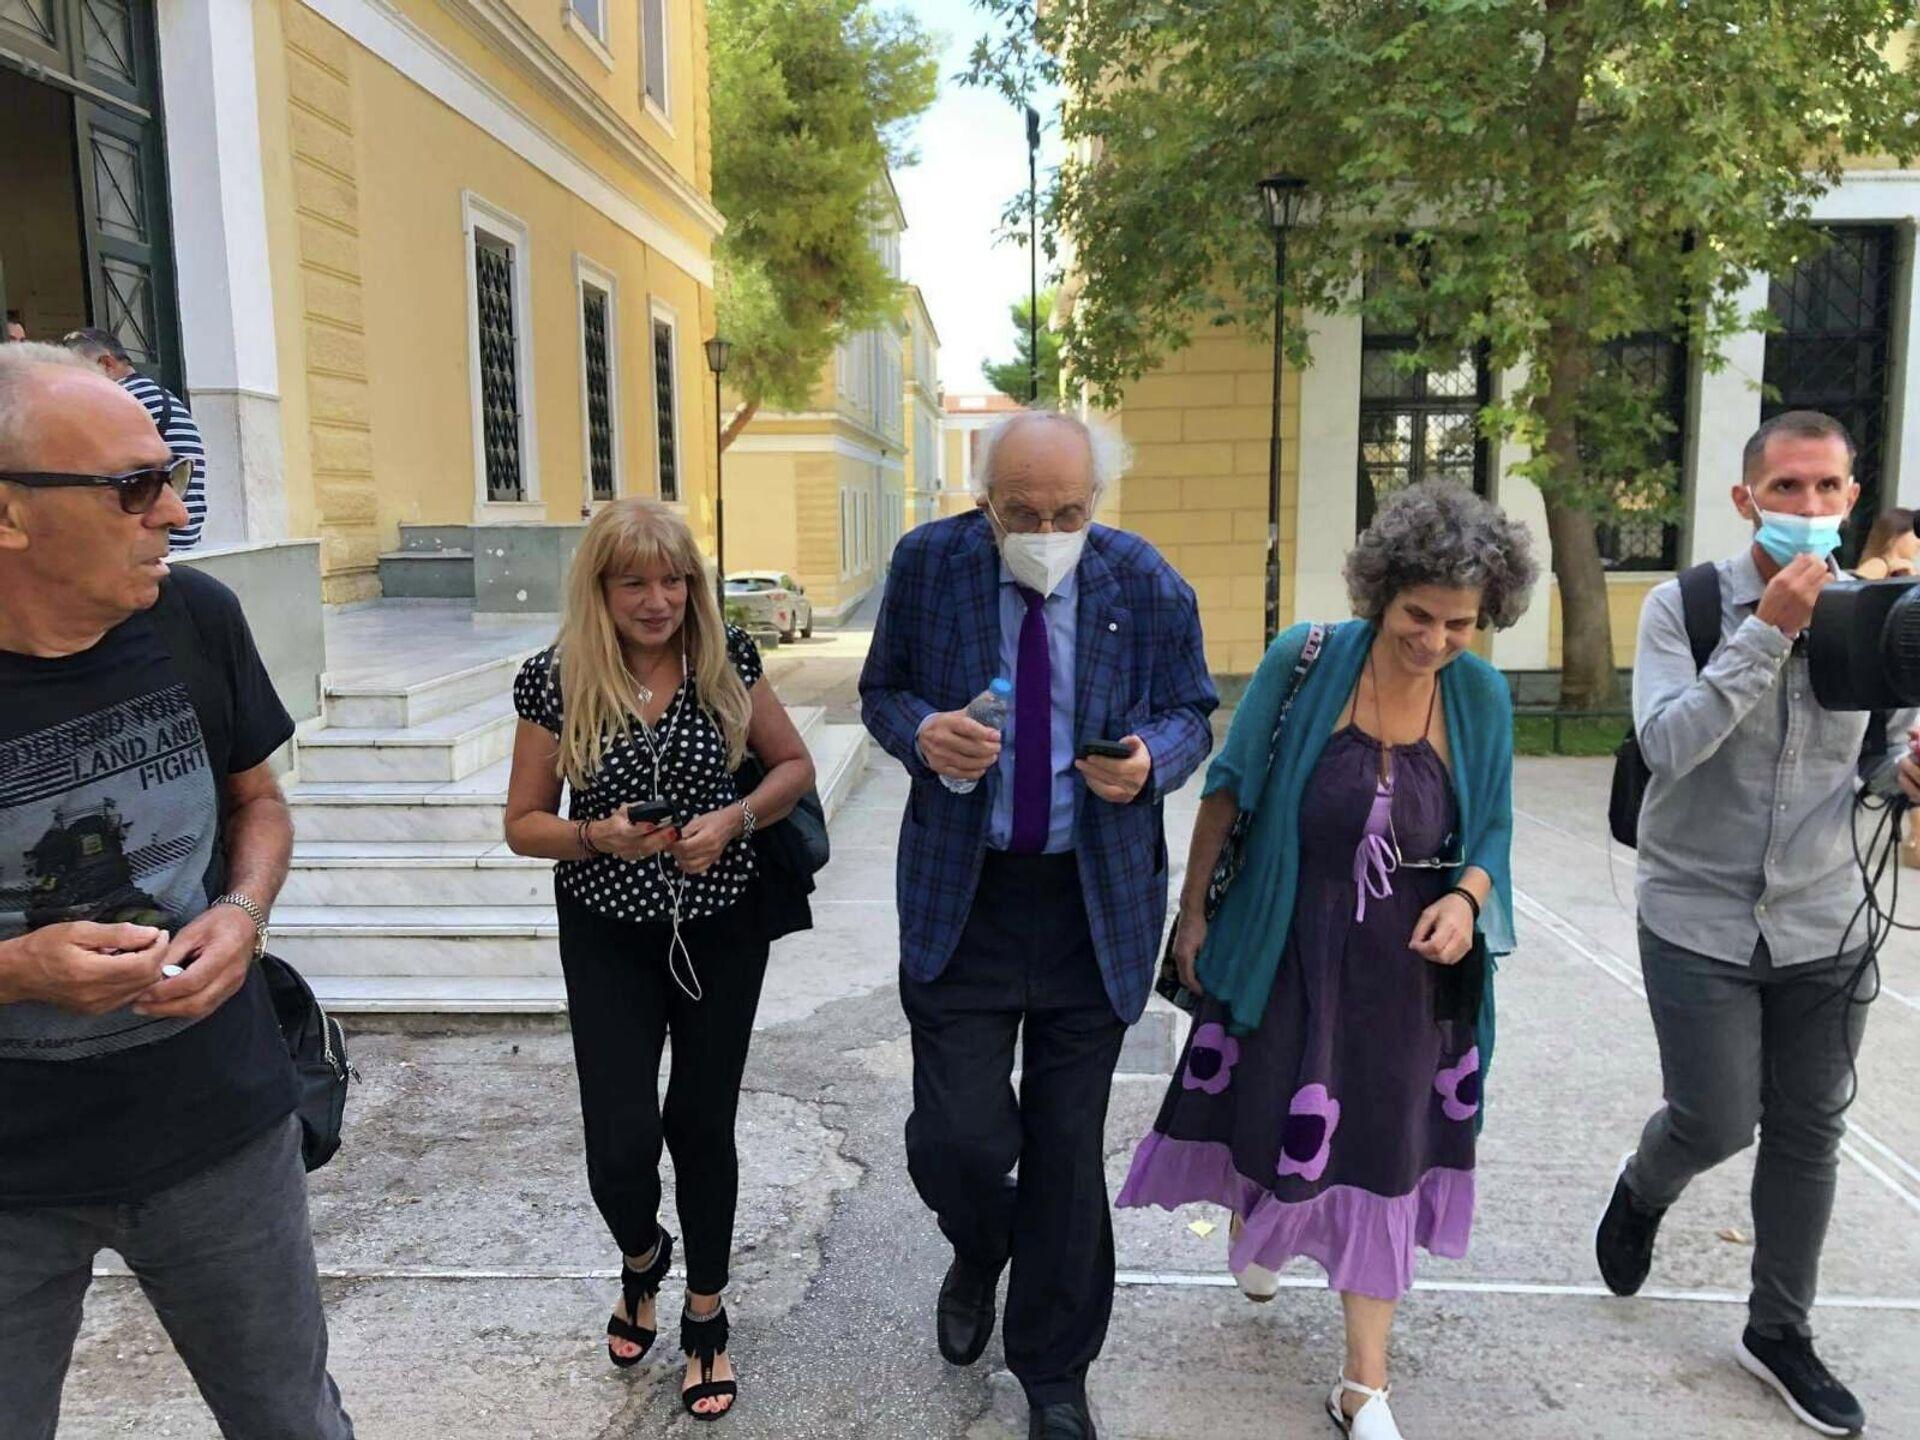 Η Μαργαρίτα Θεοδωράκη στα δικαστήρια - Sputnik Ελλάδα, 1920, 29.09.2021